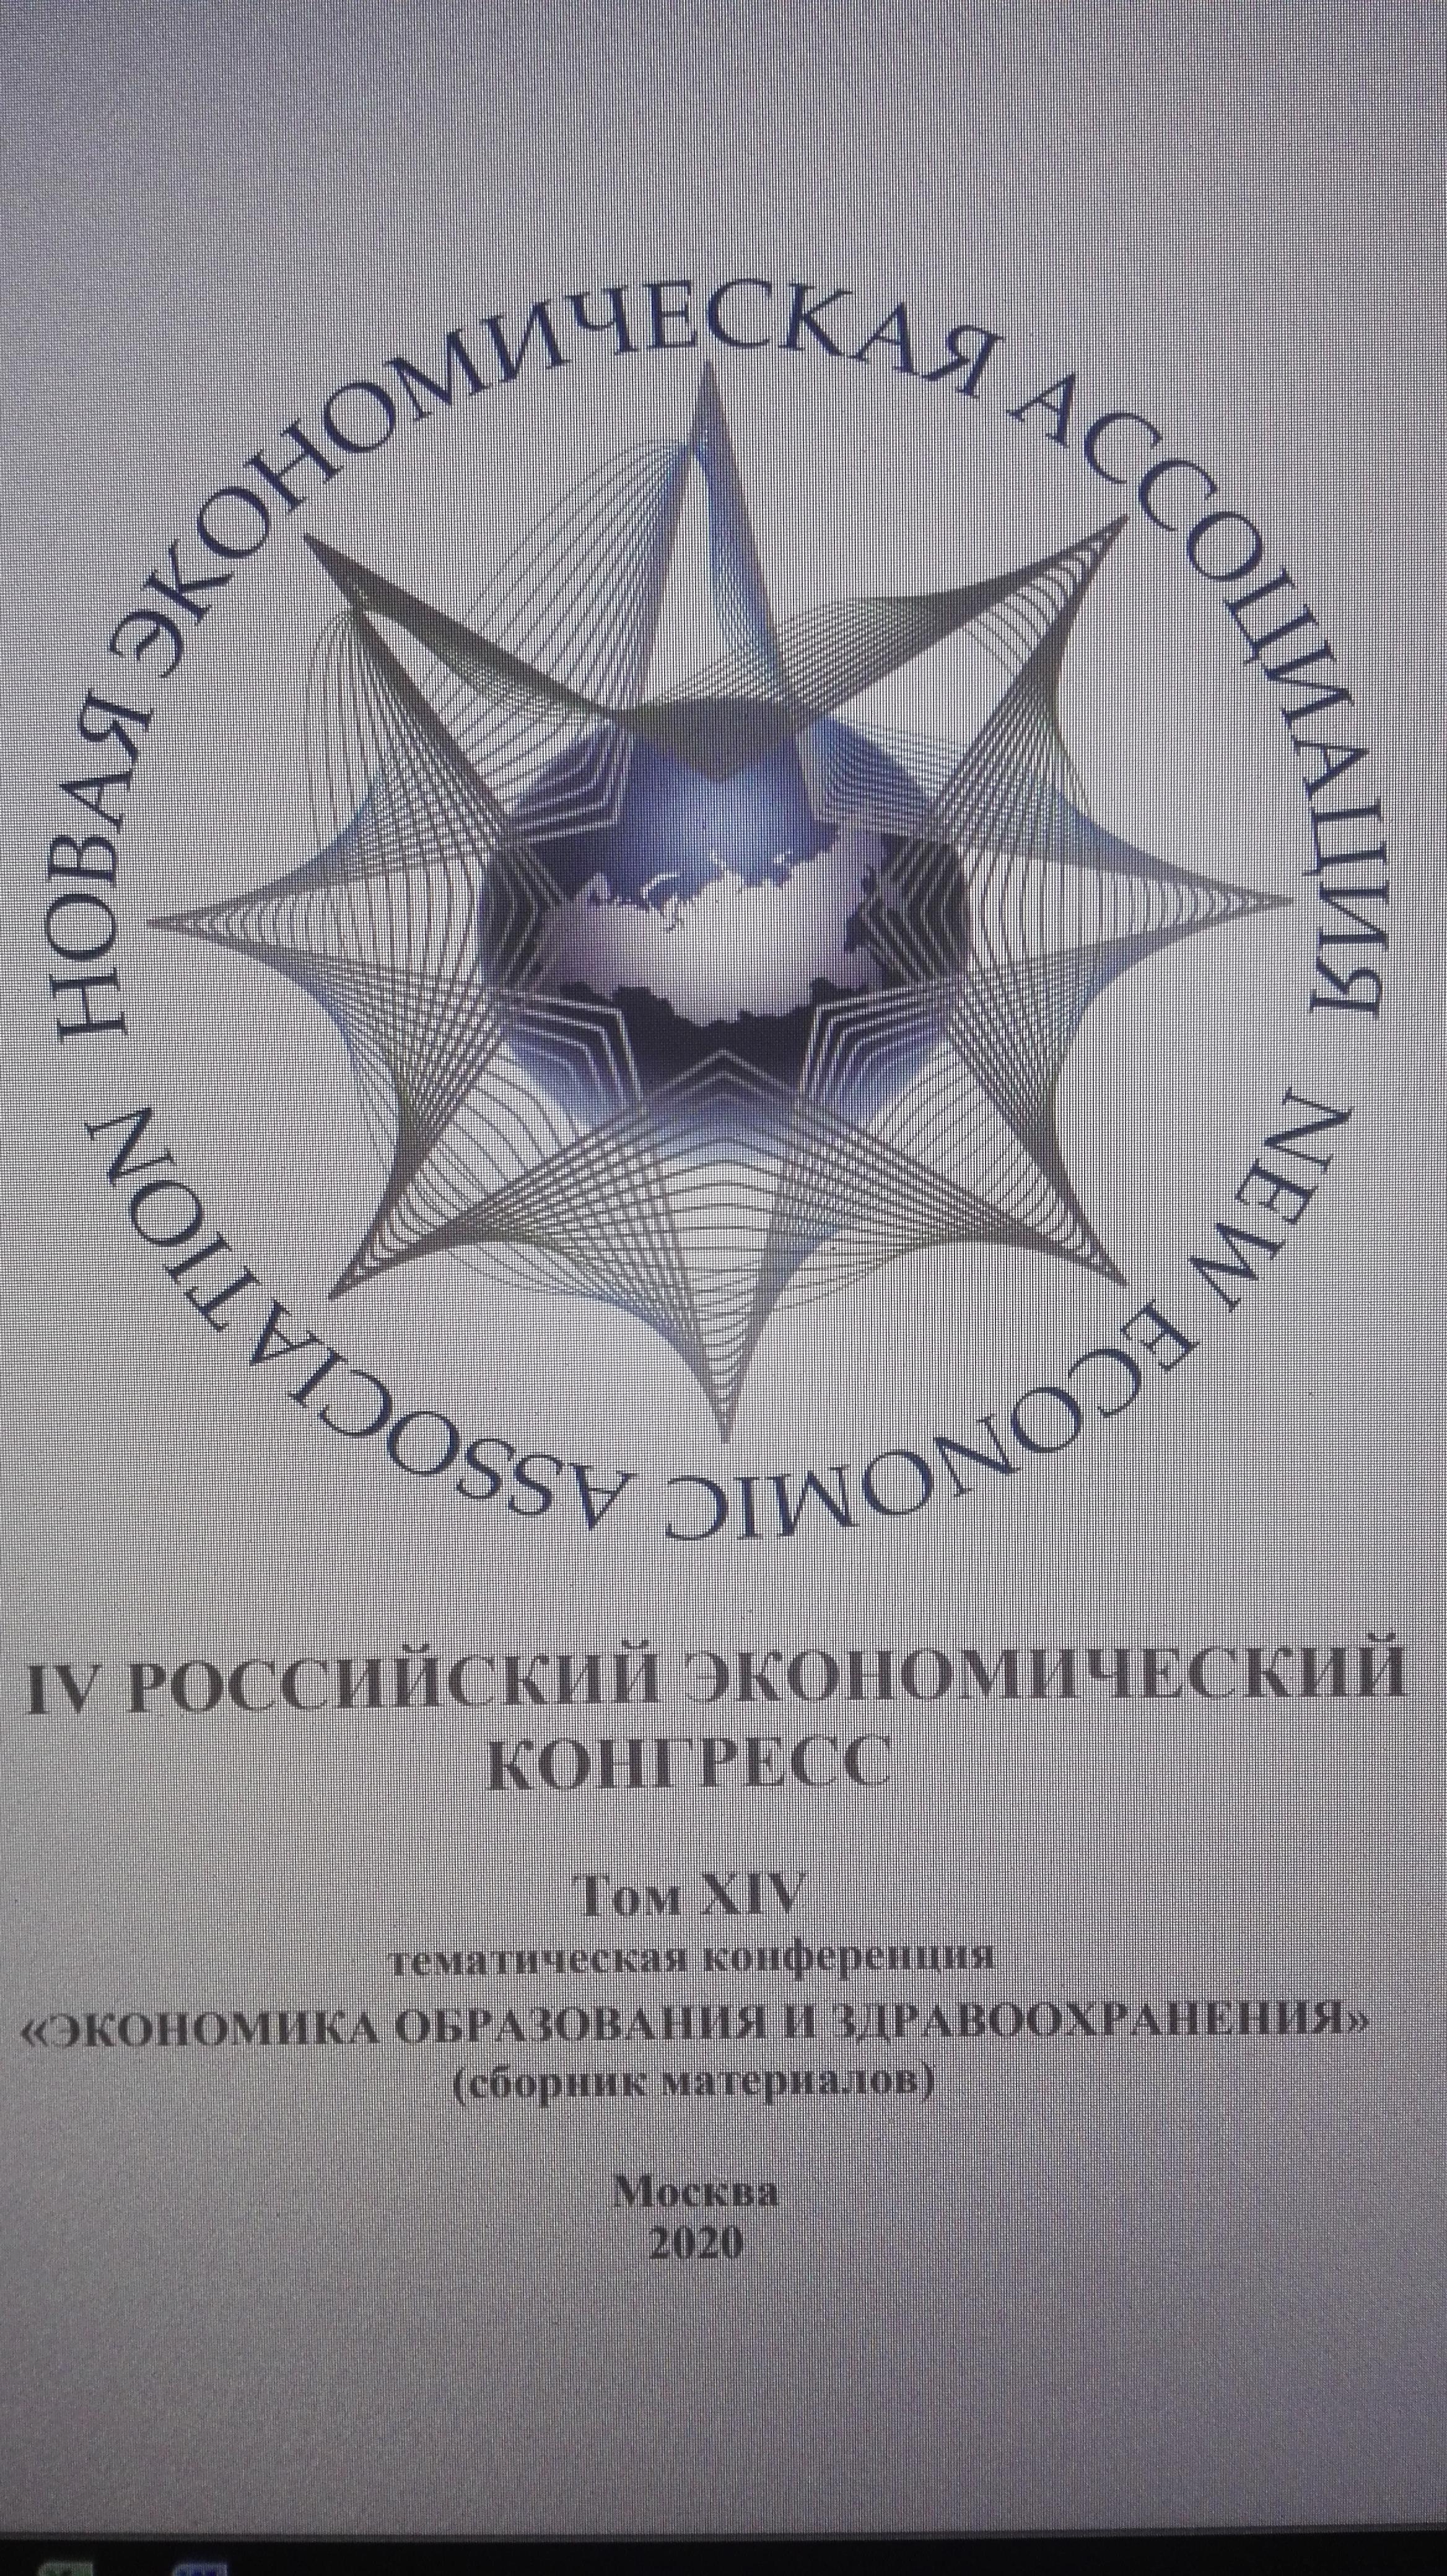 Государственные инвестиции в дошкольное образование на международном рынке и в России: достижения, различия, меры социальной поддержки